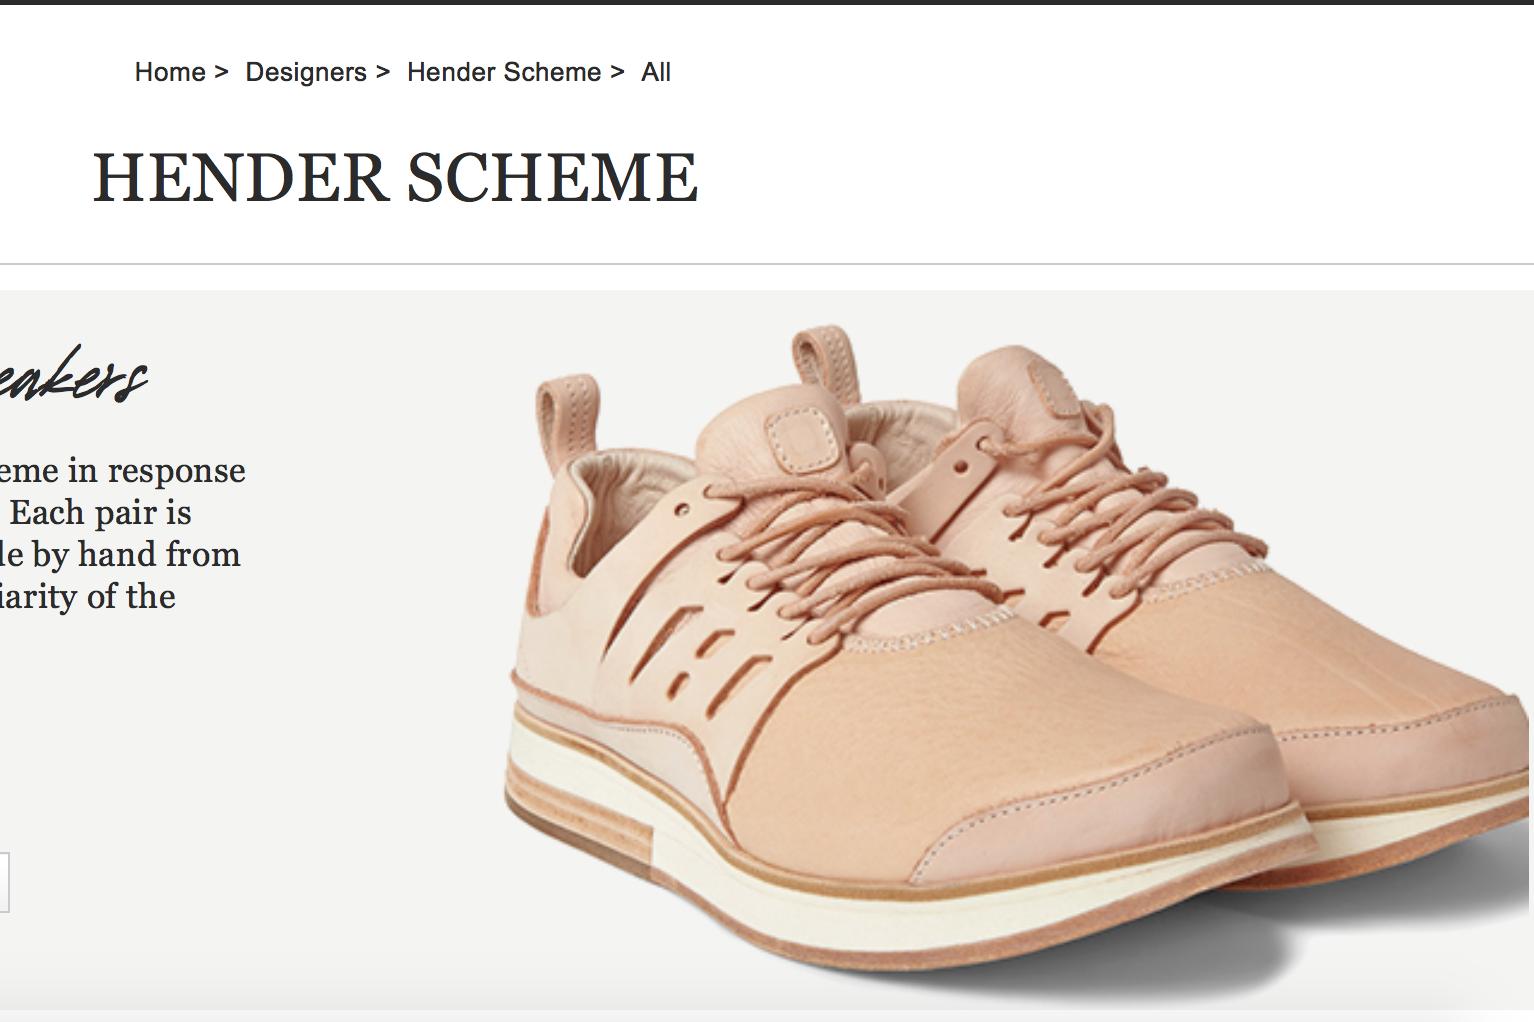 用天然皮革重新诠释经典款运动鞋!详解日本奢侈手工皮具品牌 Hender Scheme